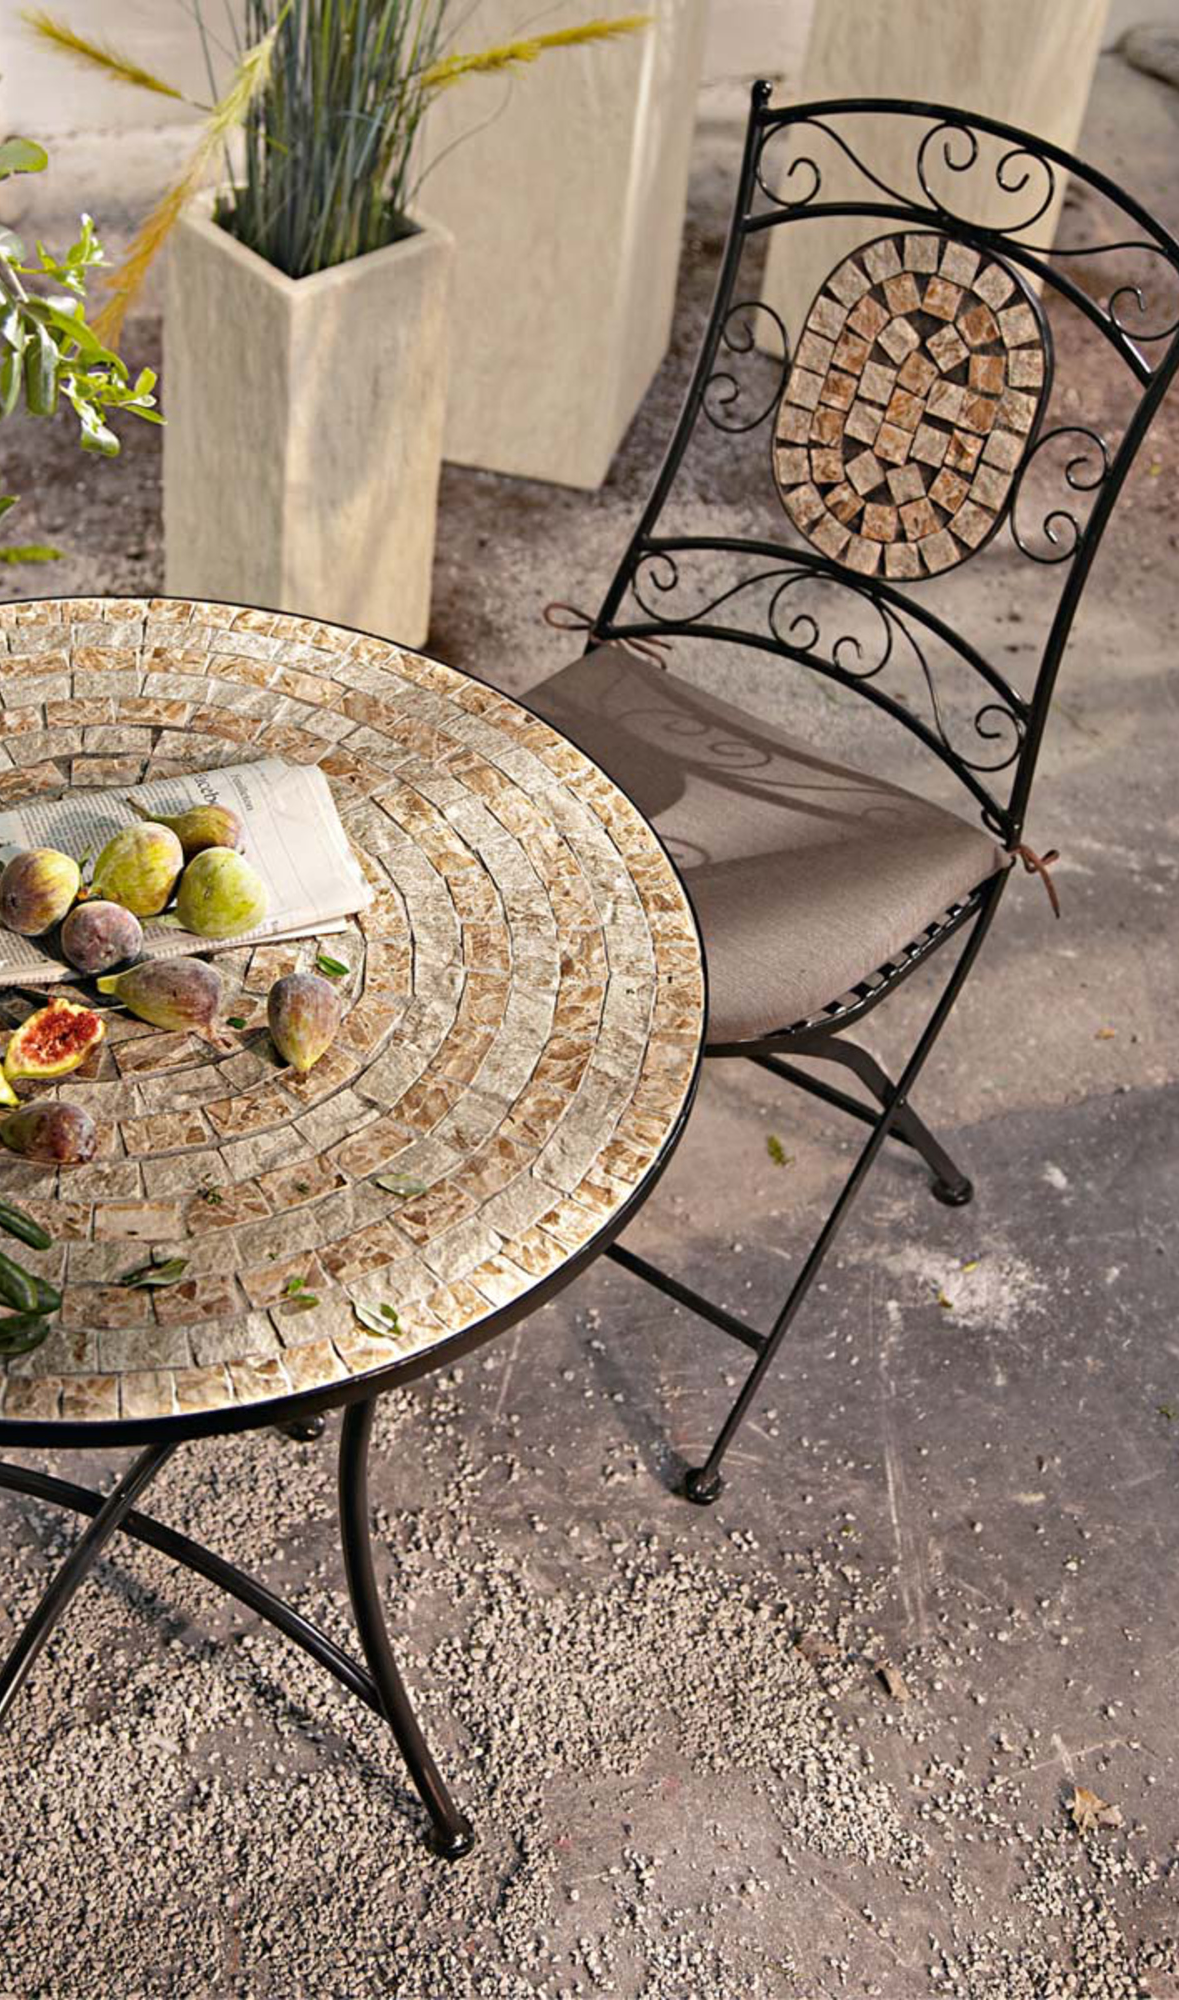 Garten Set Mit 2 Stuhlen Aus Lackiertem Metall Mit Ovalem Mosaikelement With Images Outdoor Furniture Sets Garden Chairs Boho Garden Party